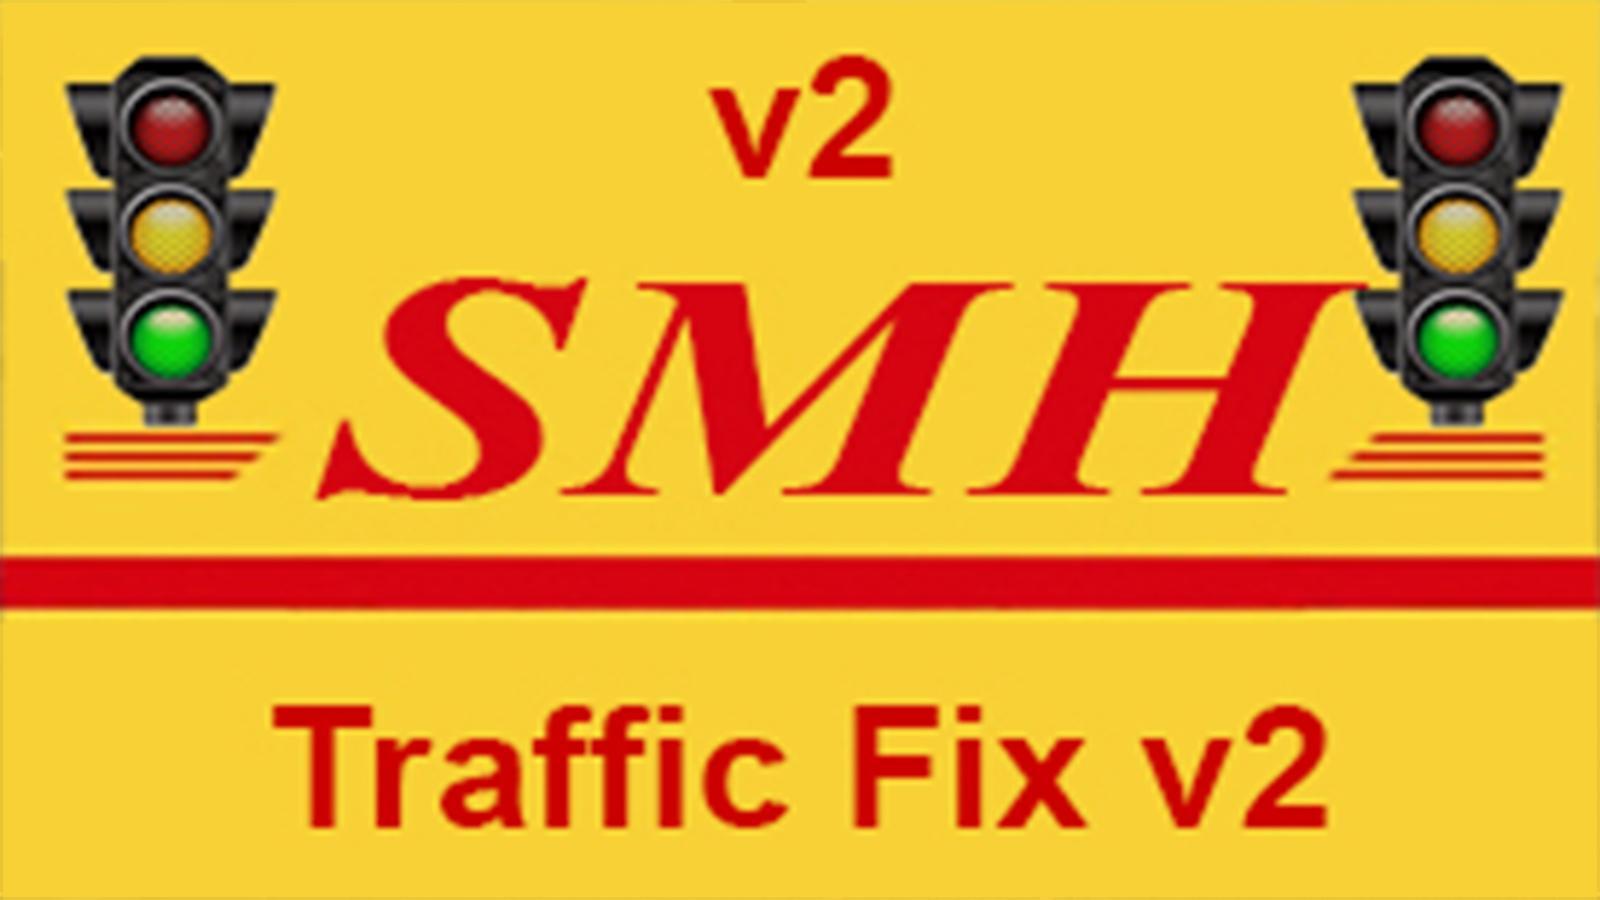 traffic-fix-v2-1-21-x_1